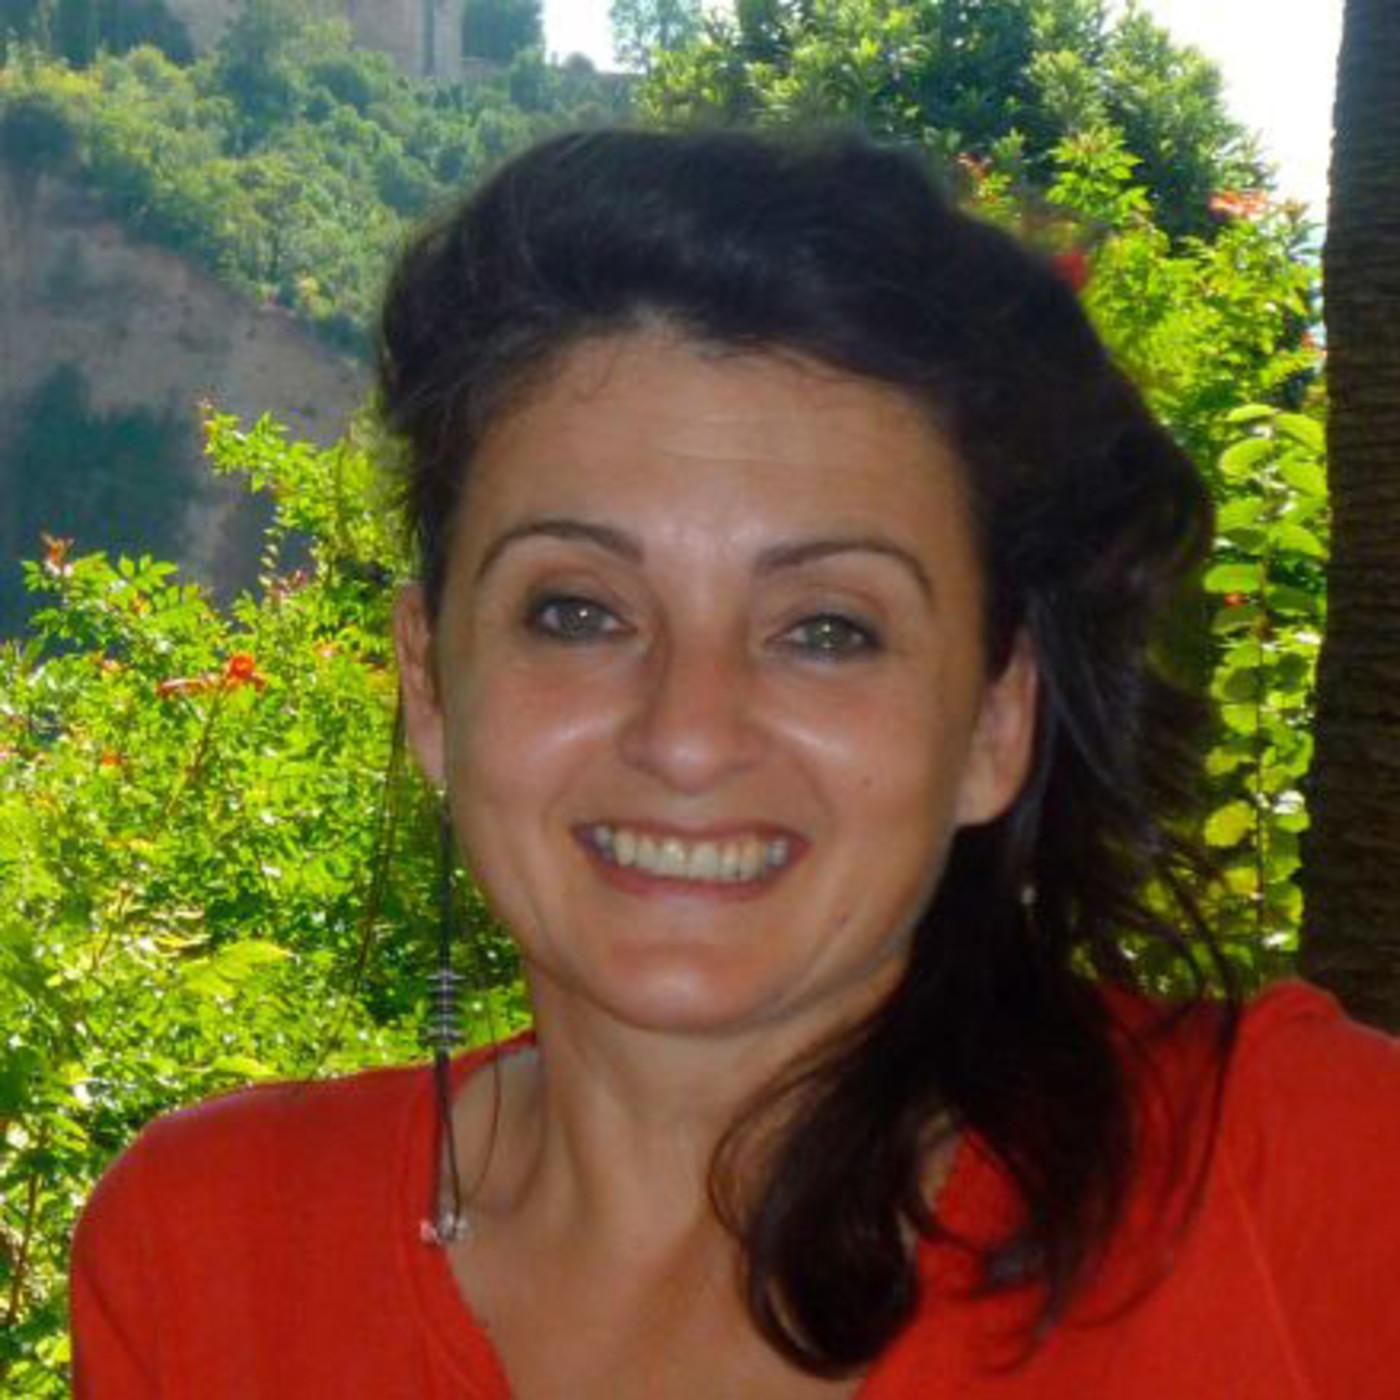 Pilar Baselga : La agenda oculta de la educación